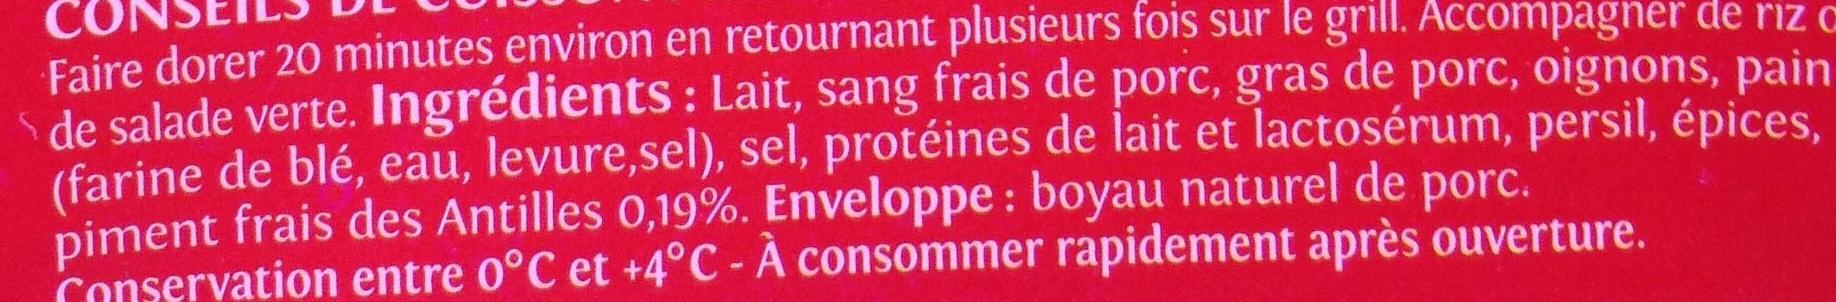 Brochettes antillaises aux piments frais des Antilles - Ingrédients - fr